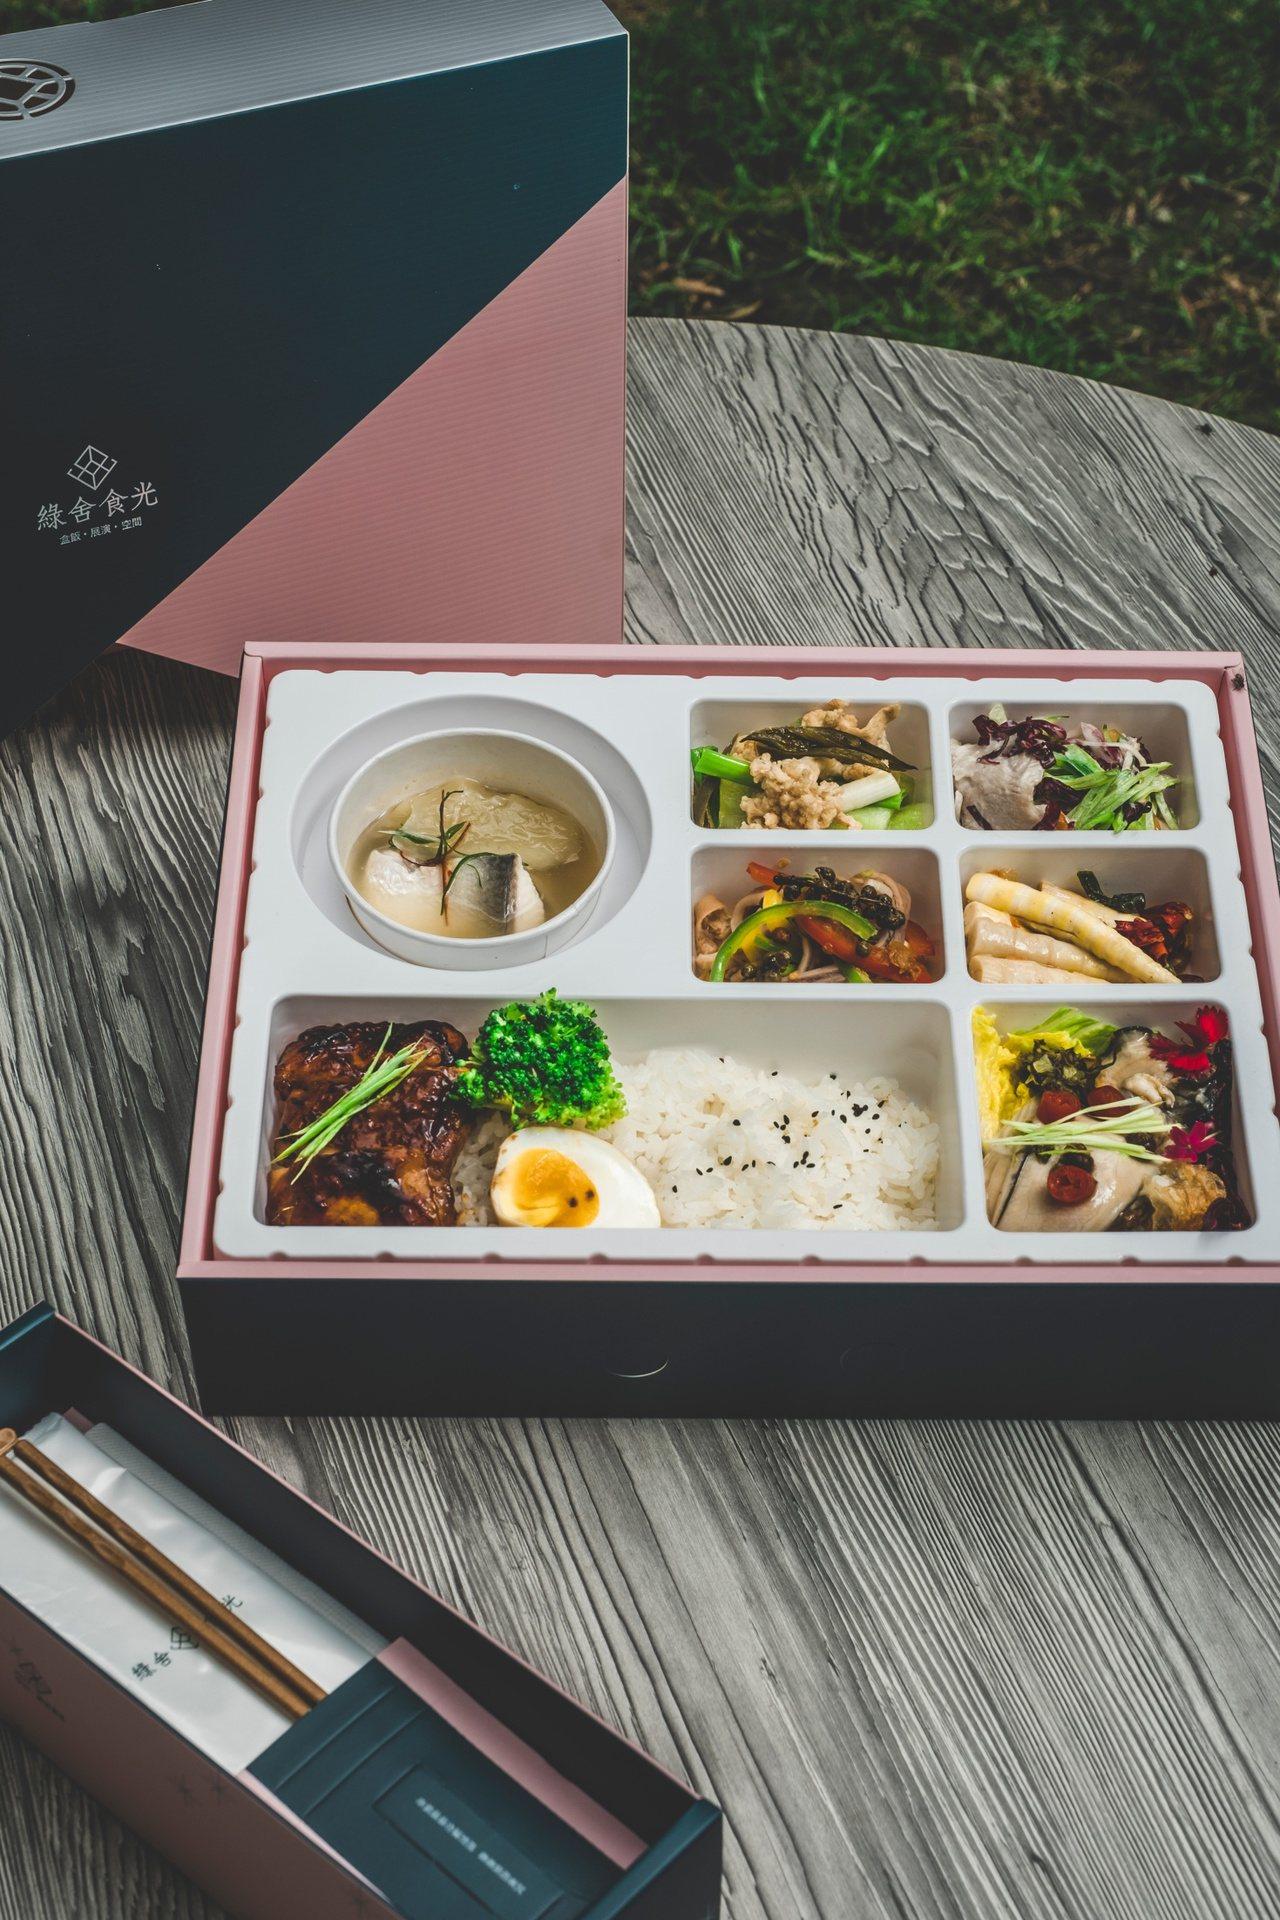 台味野餐盒。綠舍食光/提供